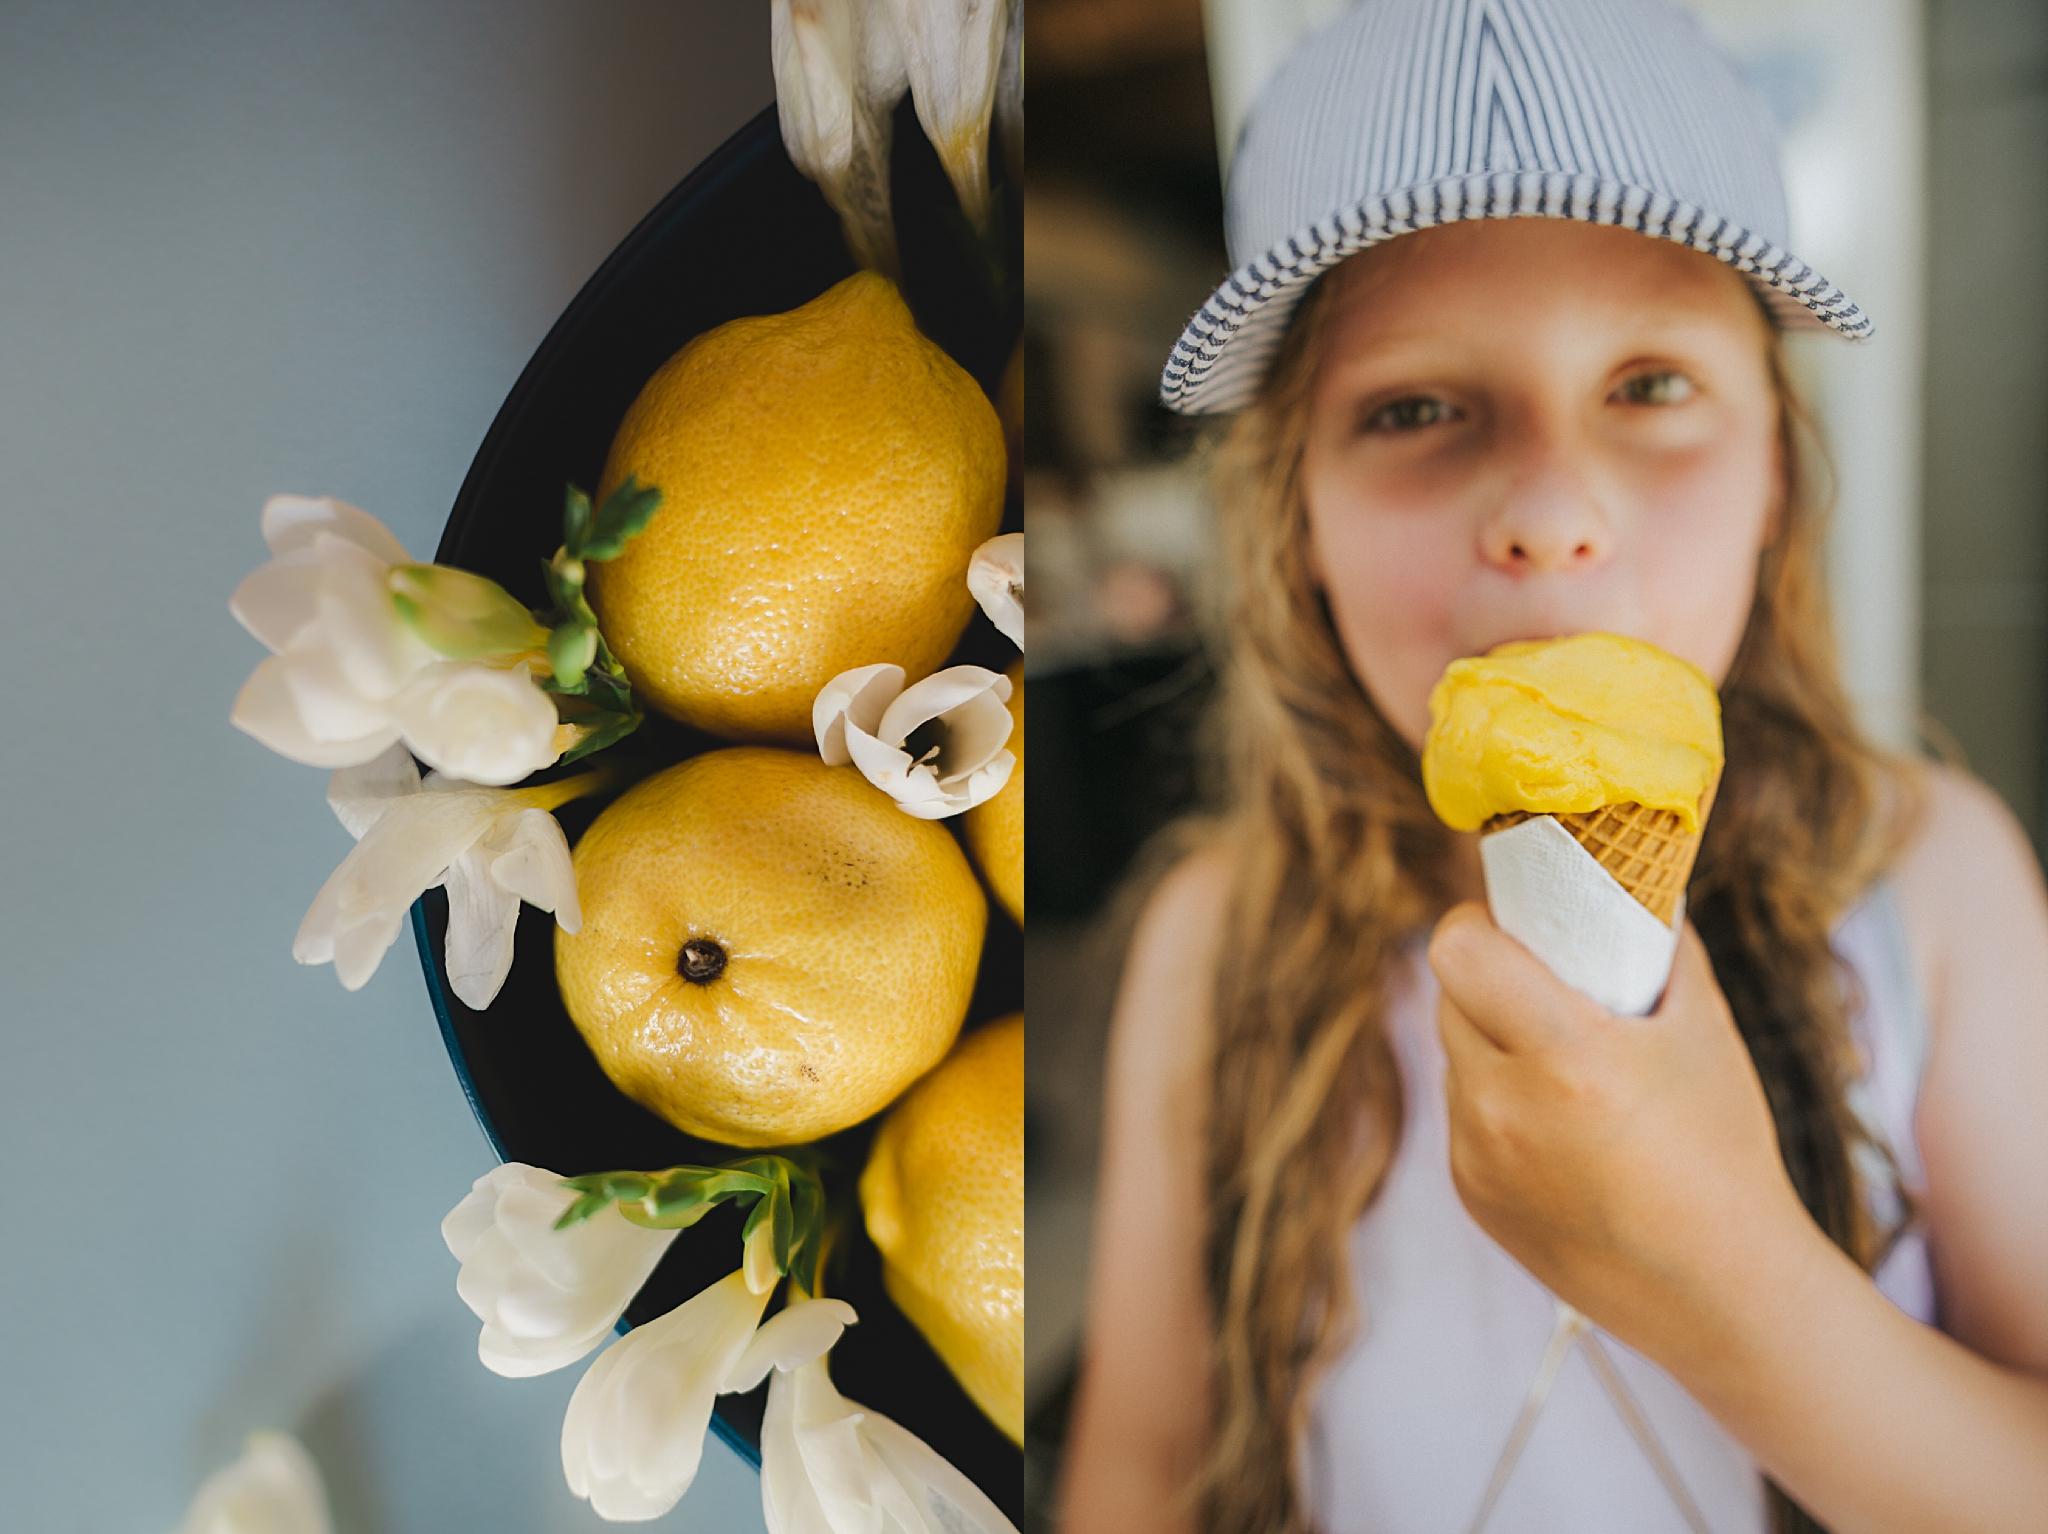 sydneyfamilyphotography-cindycavanagh.jpg